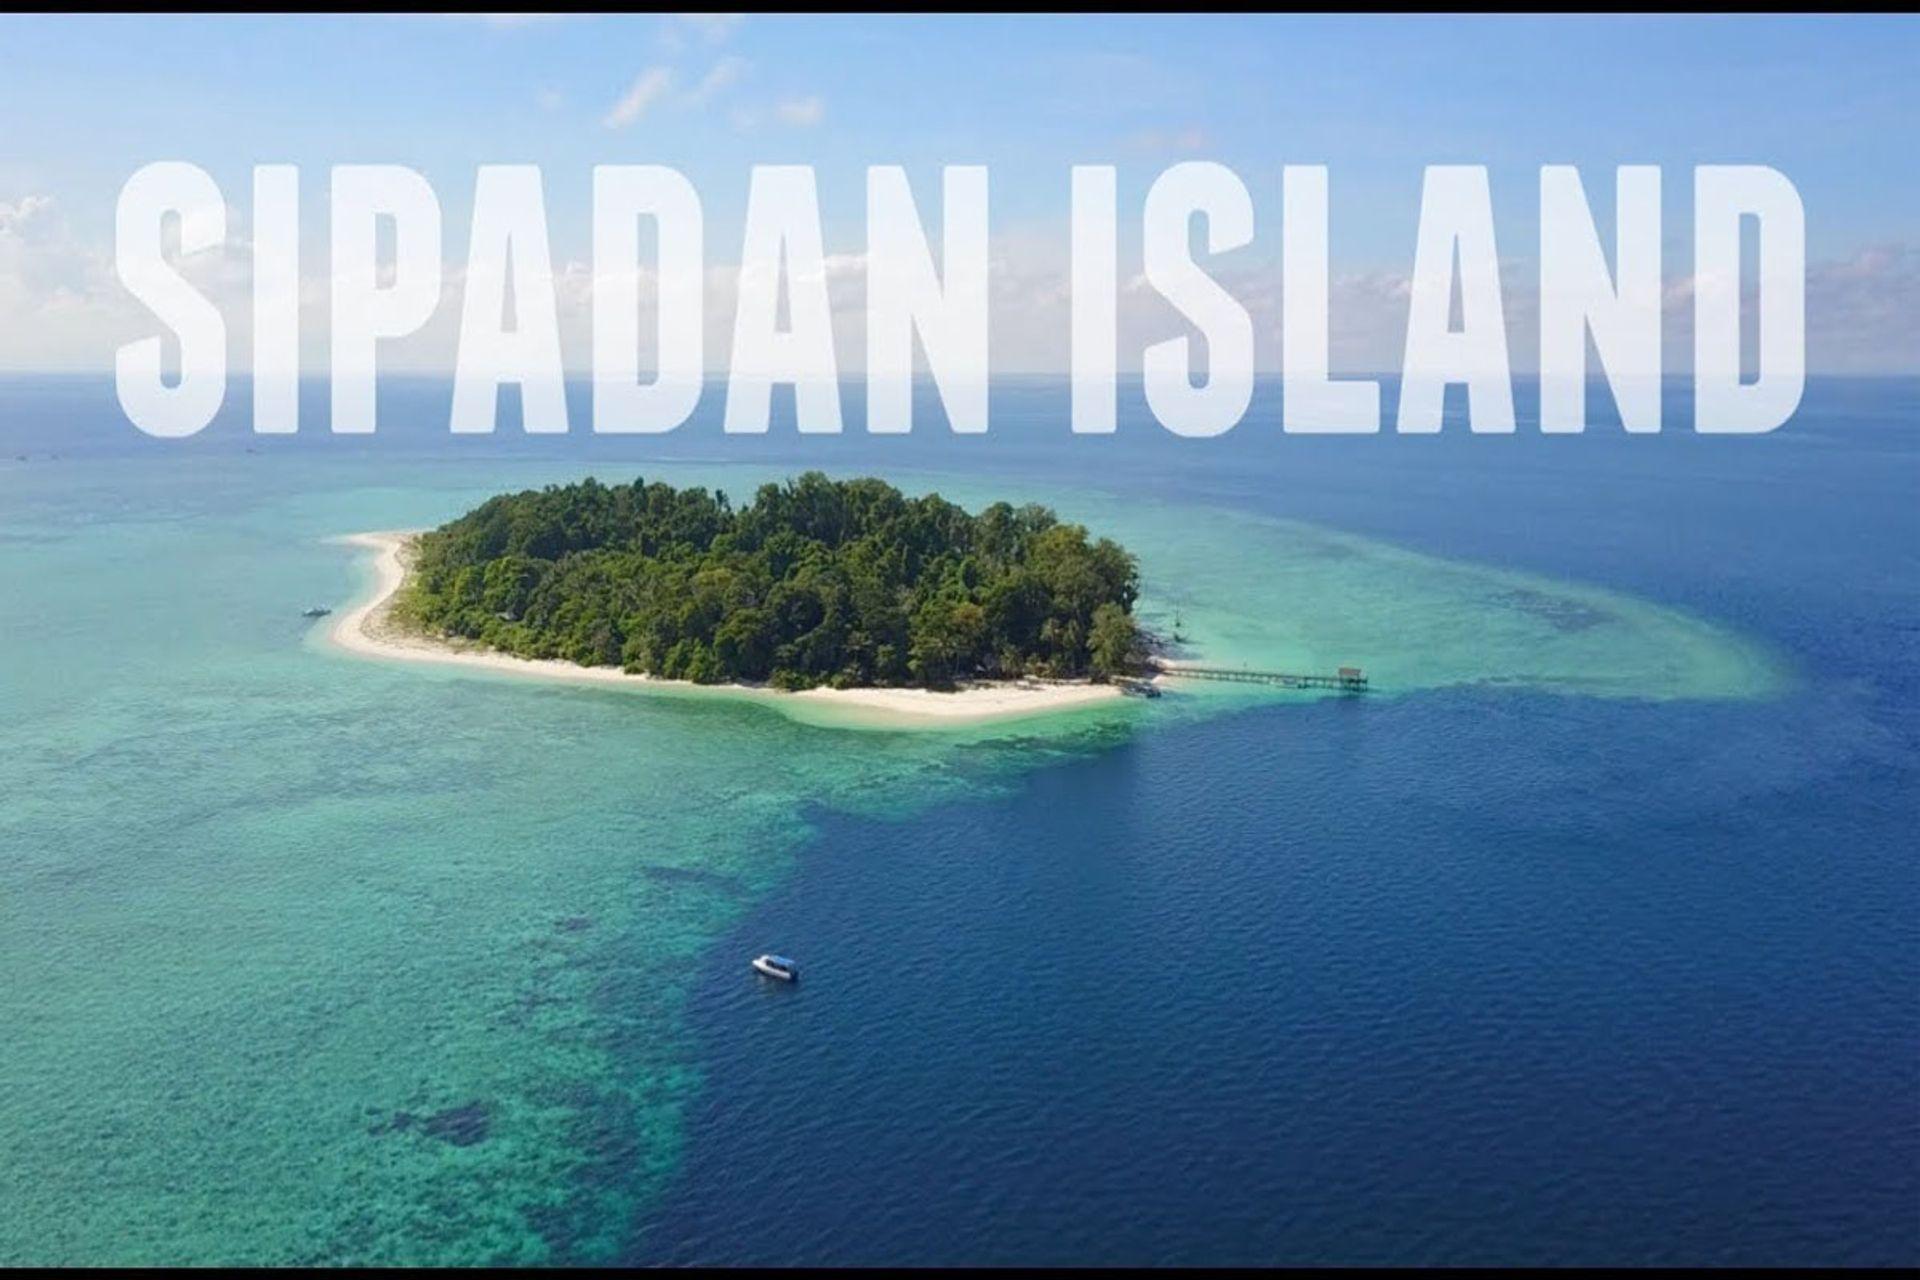 Đảo Sipadan